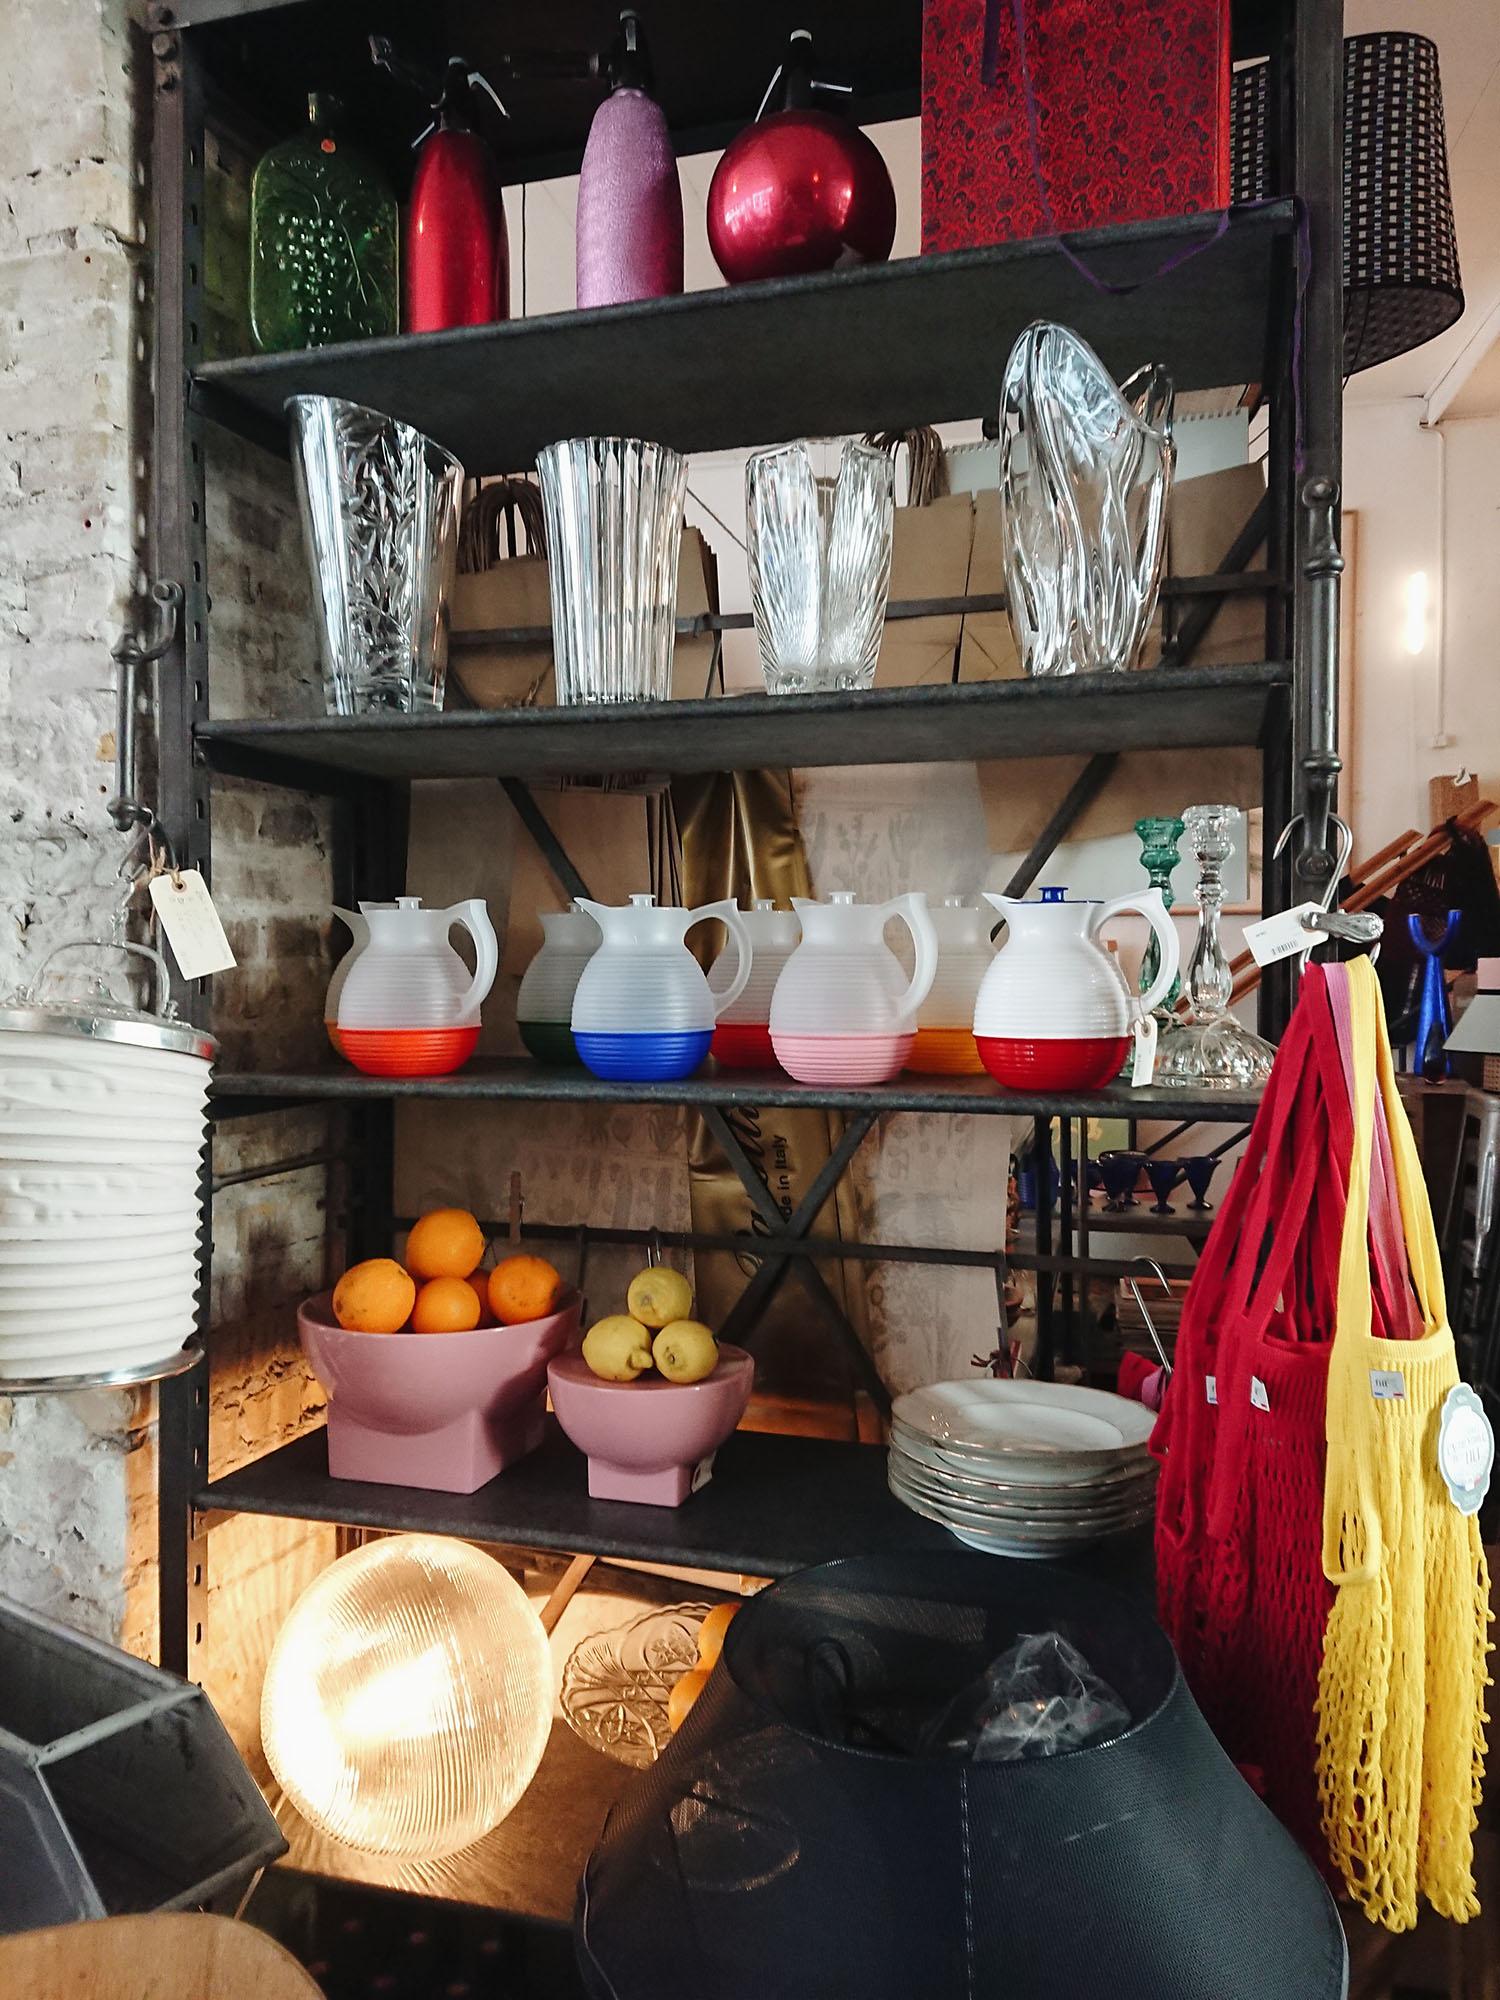 Kopenhagen Travel Diary – Zwischen Interior-Highlights & Kaffeeträumen | Jane Wayne News